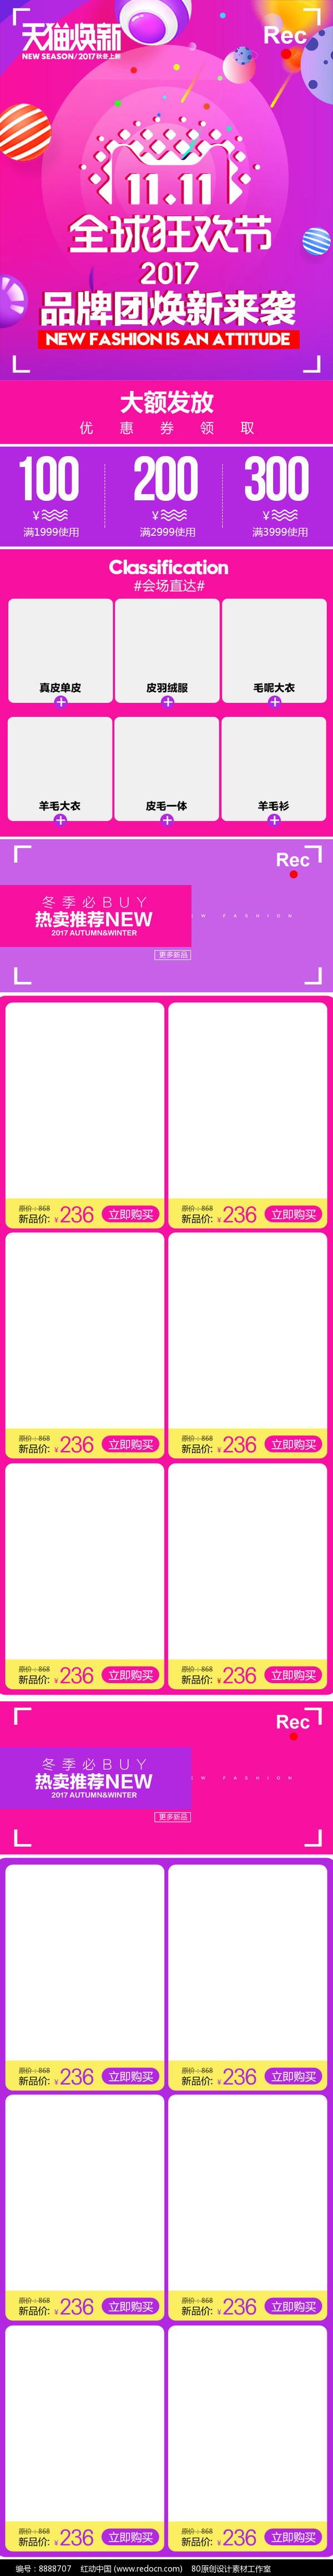 淘宝双11来啦手机端首页模板图片